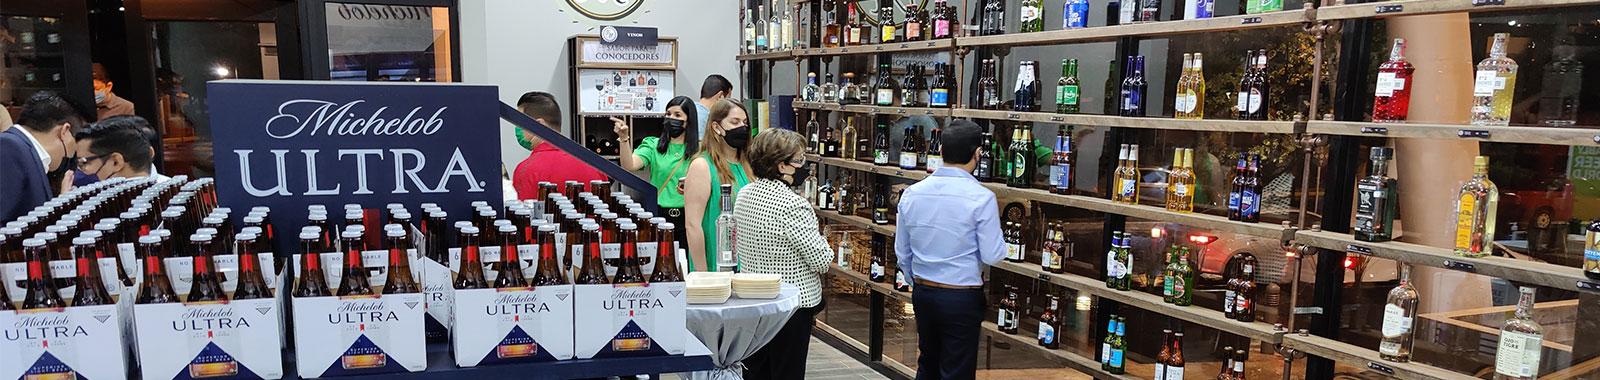 Beer Market & Wine